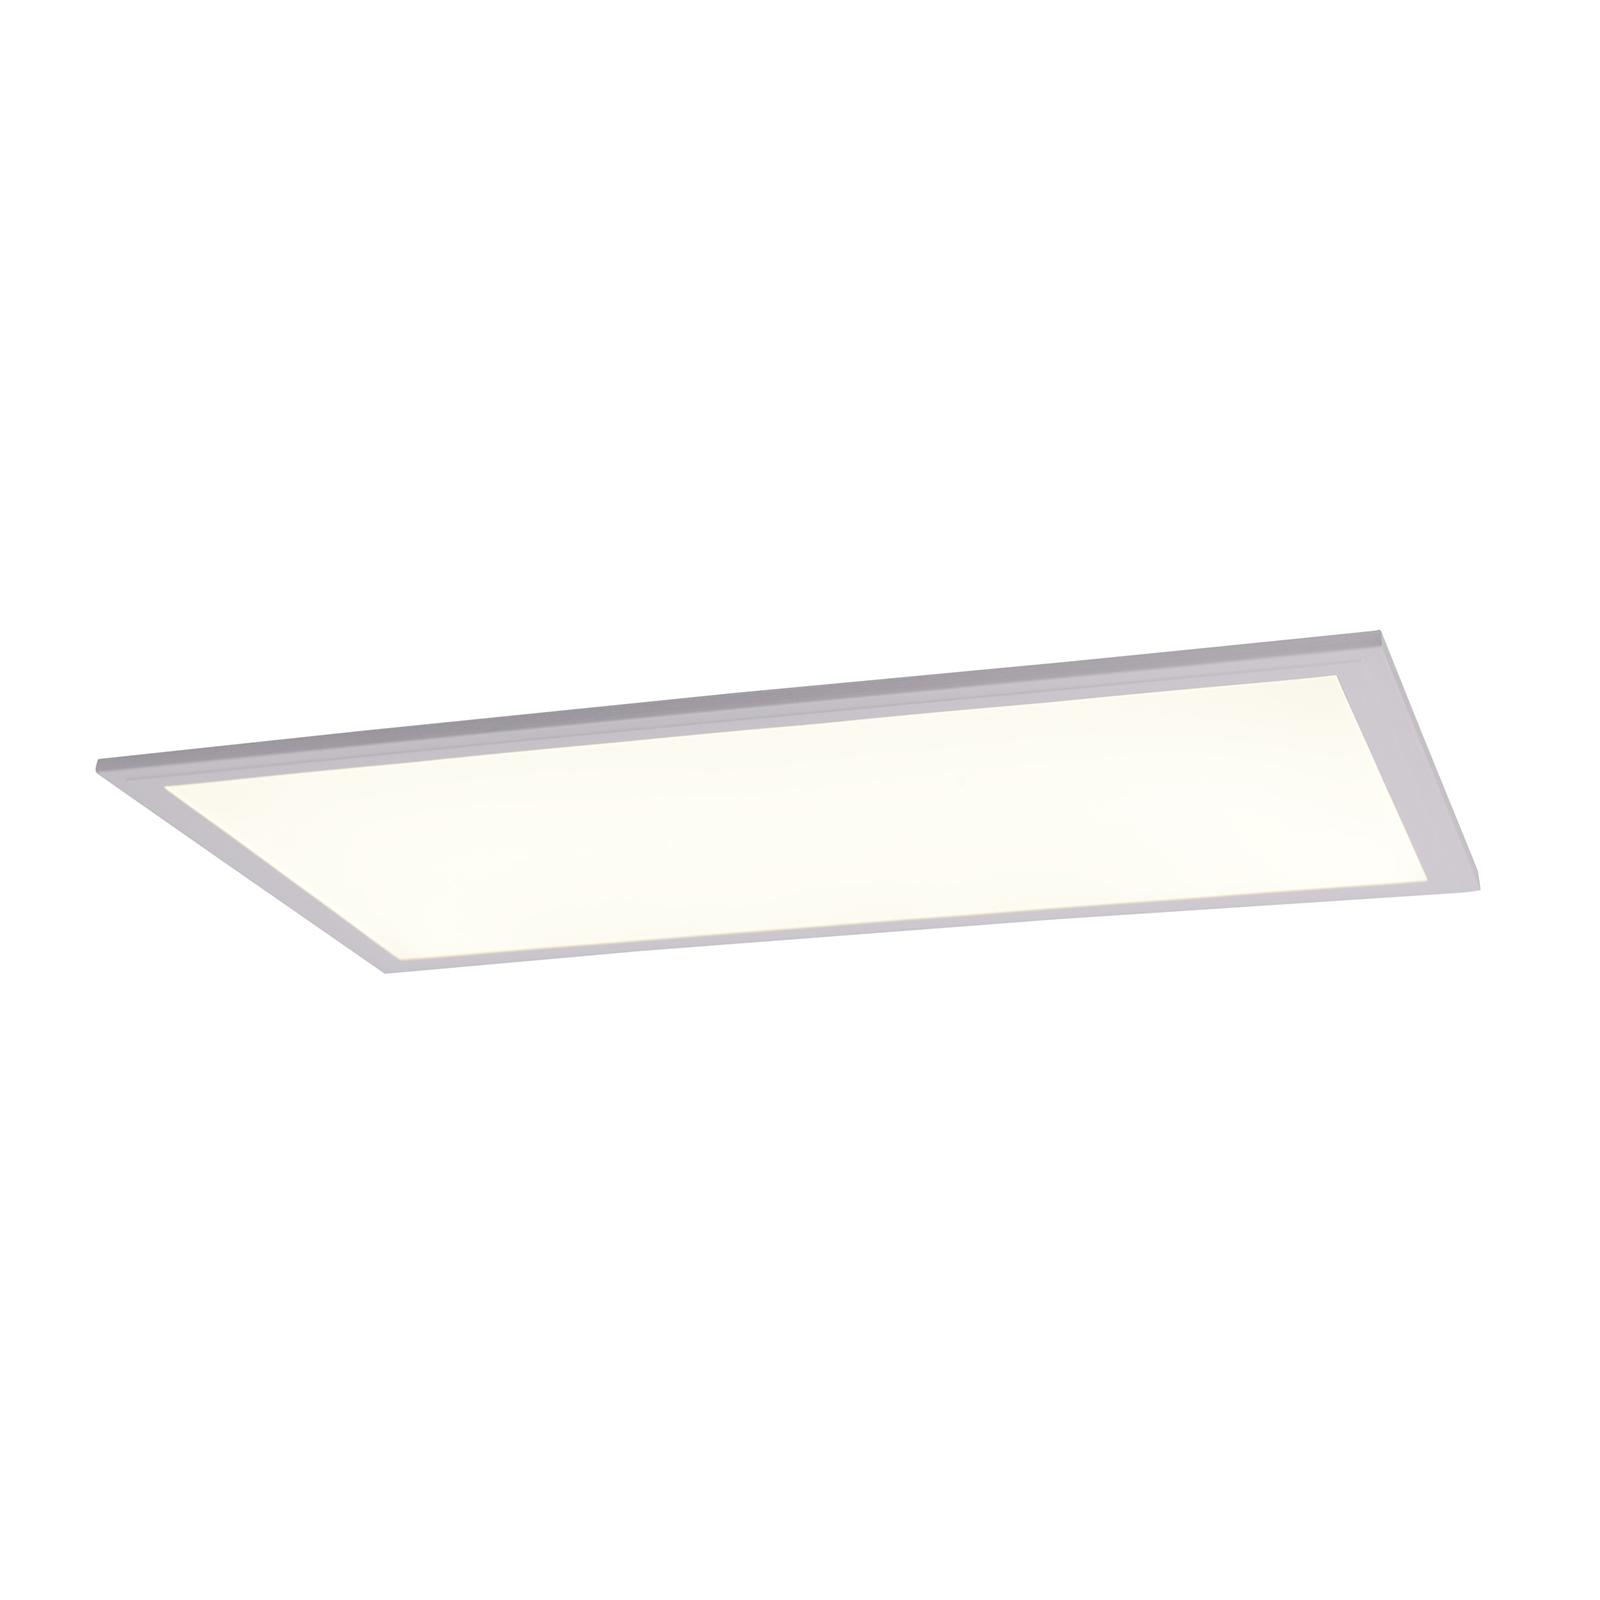 LED-Panel 1298003 zum Ein- oder Aufbau, 60x30 cm